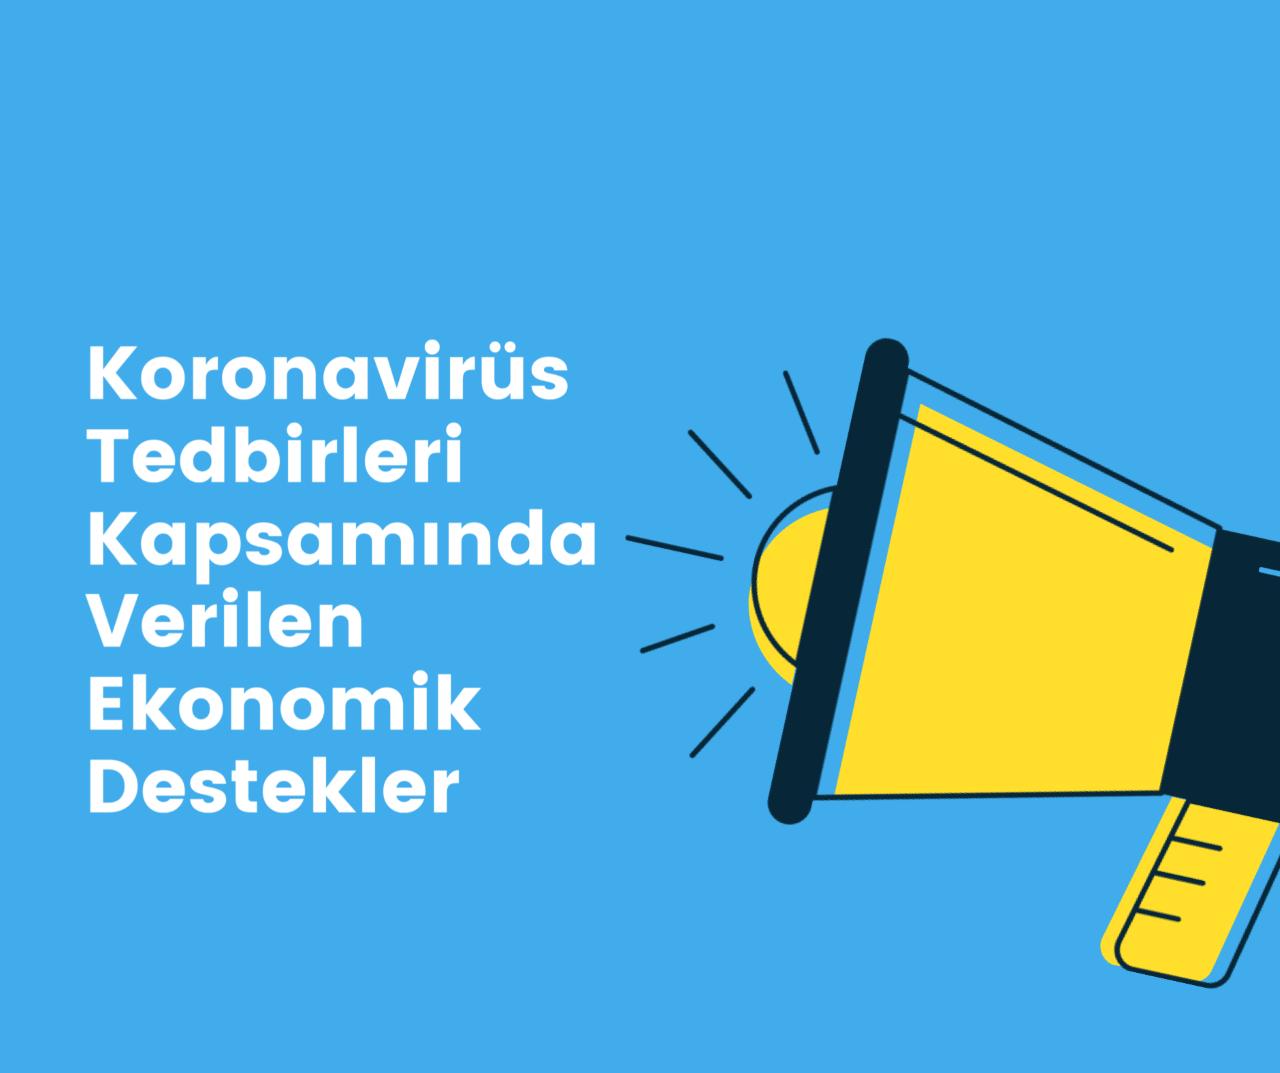 Koronavirüs Tedbirleri Kapsamında Verilen Ekonomik Destekler